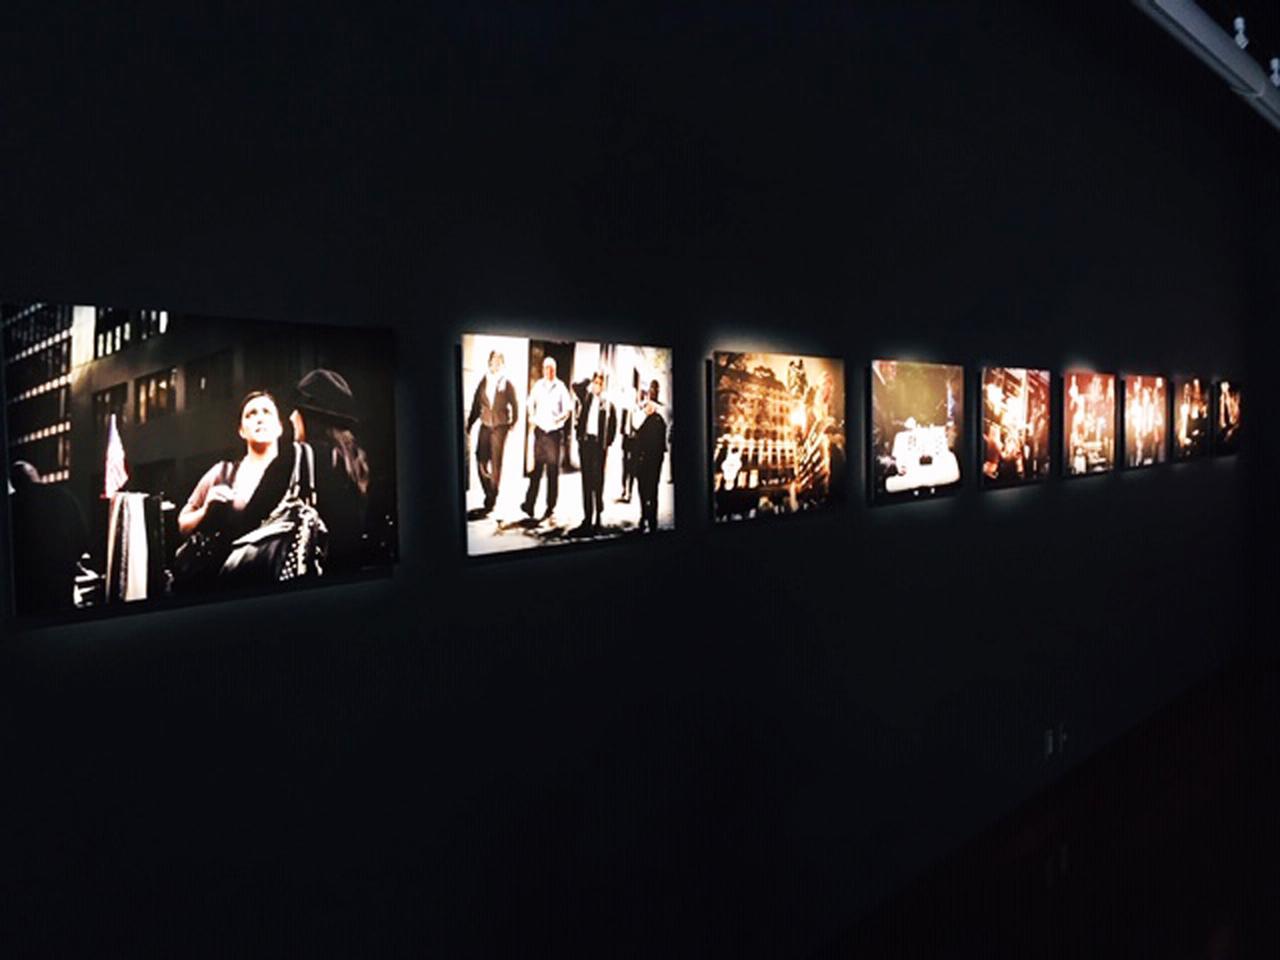 画像2: 山口晴久写真展『都市彷徨』。山口氏は、大阪府立成城高校の写真部顧問をされており、これまで何度も個展を開催しています。